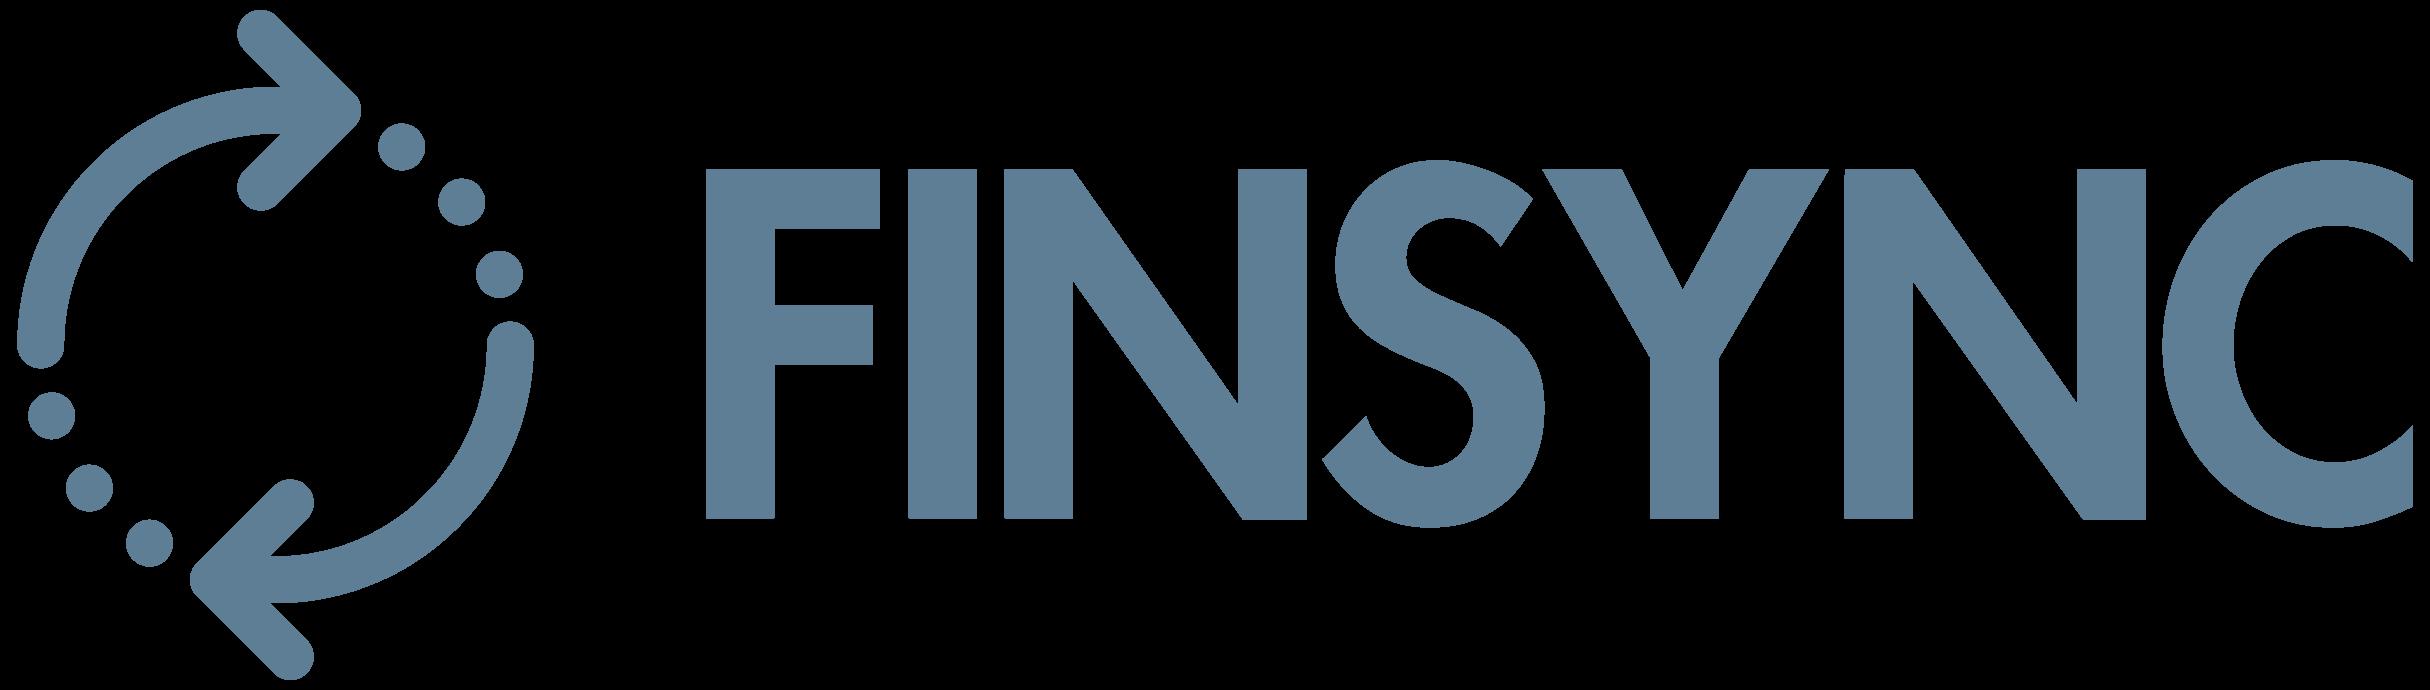 finsync-logo